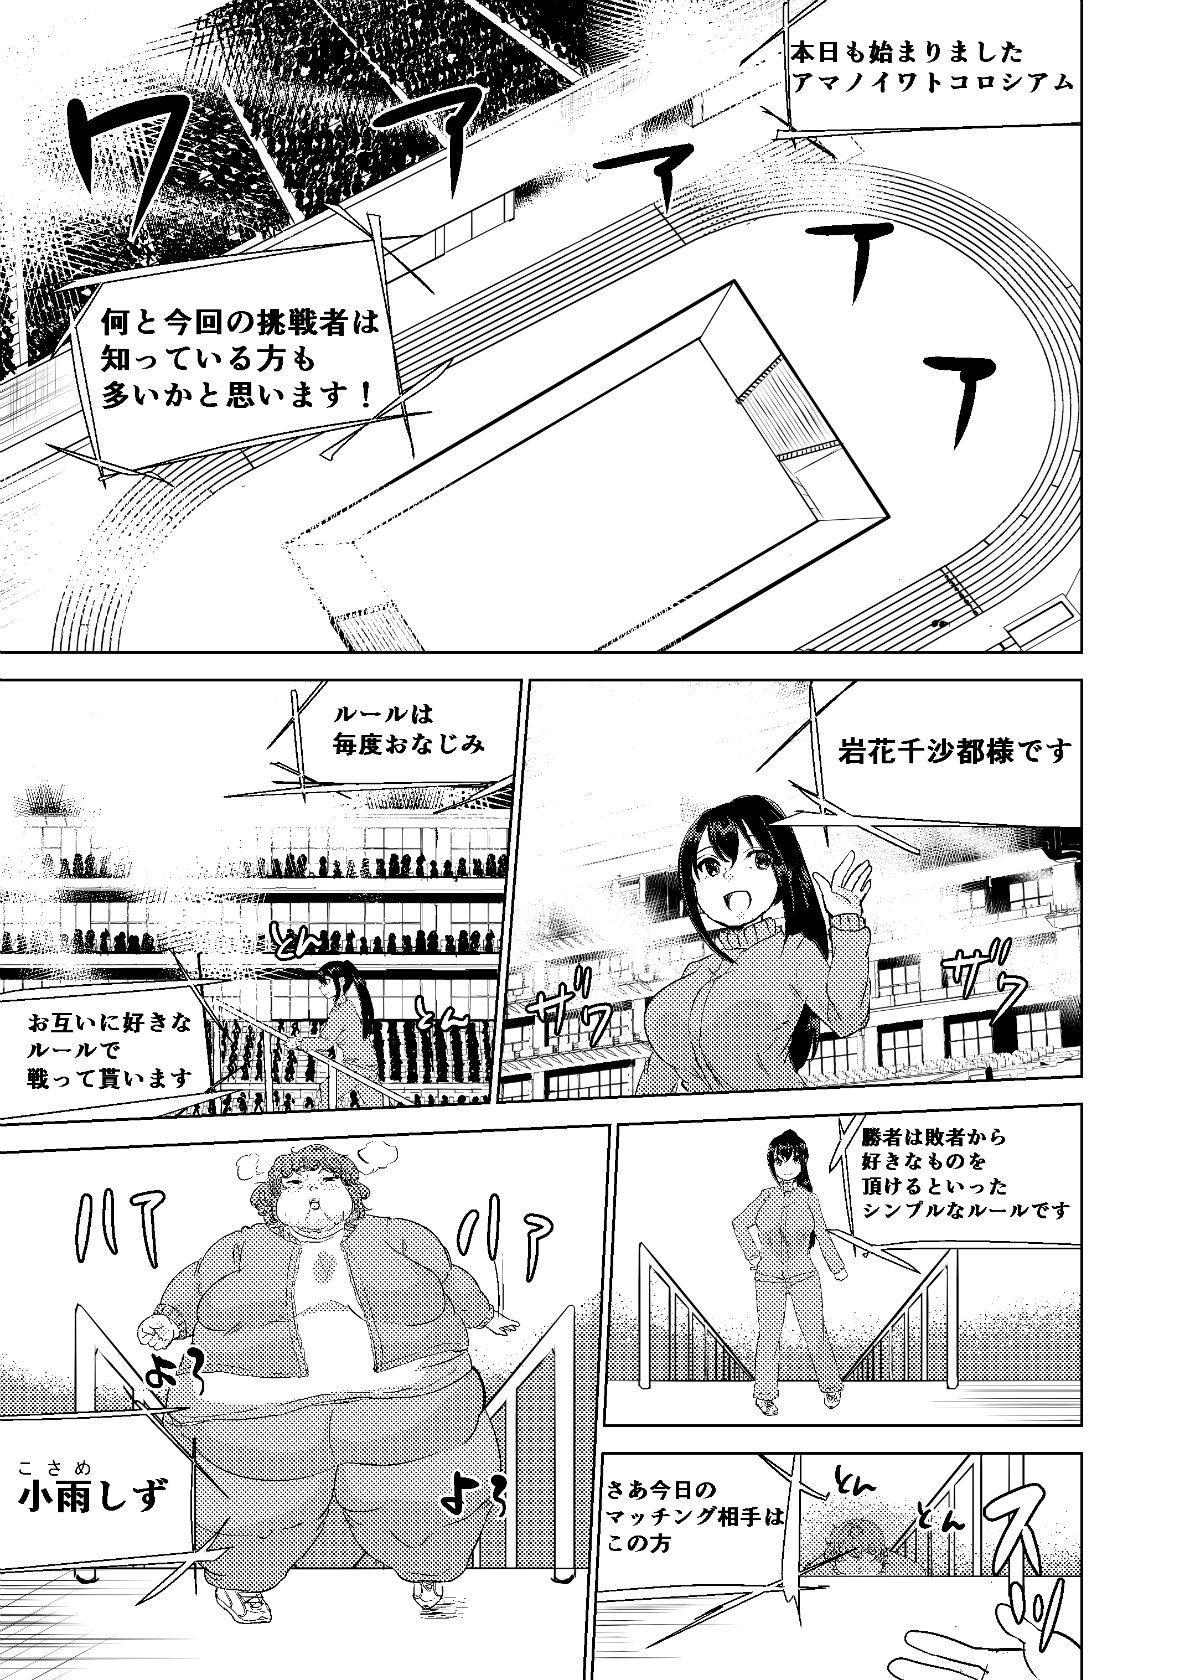 Kyou kara Watashi wa Anata ni Naru. 6